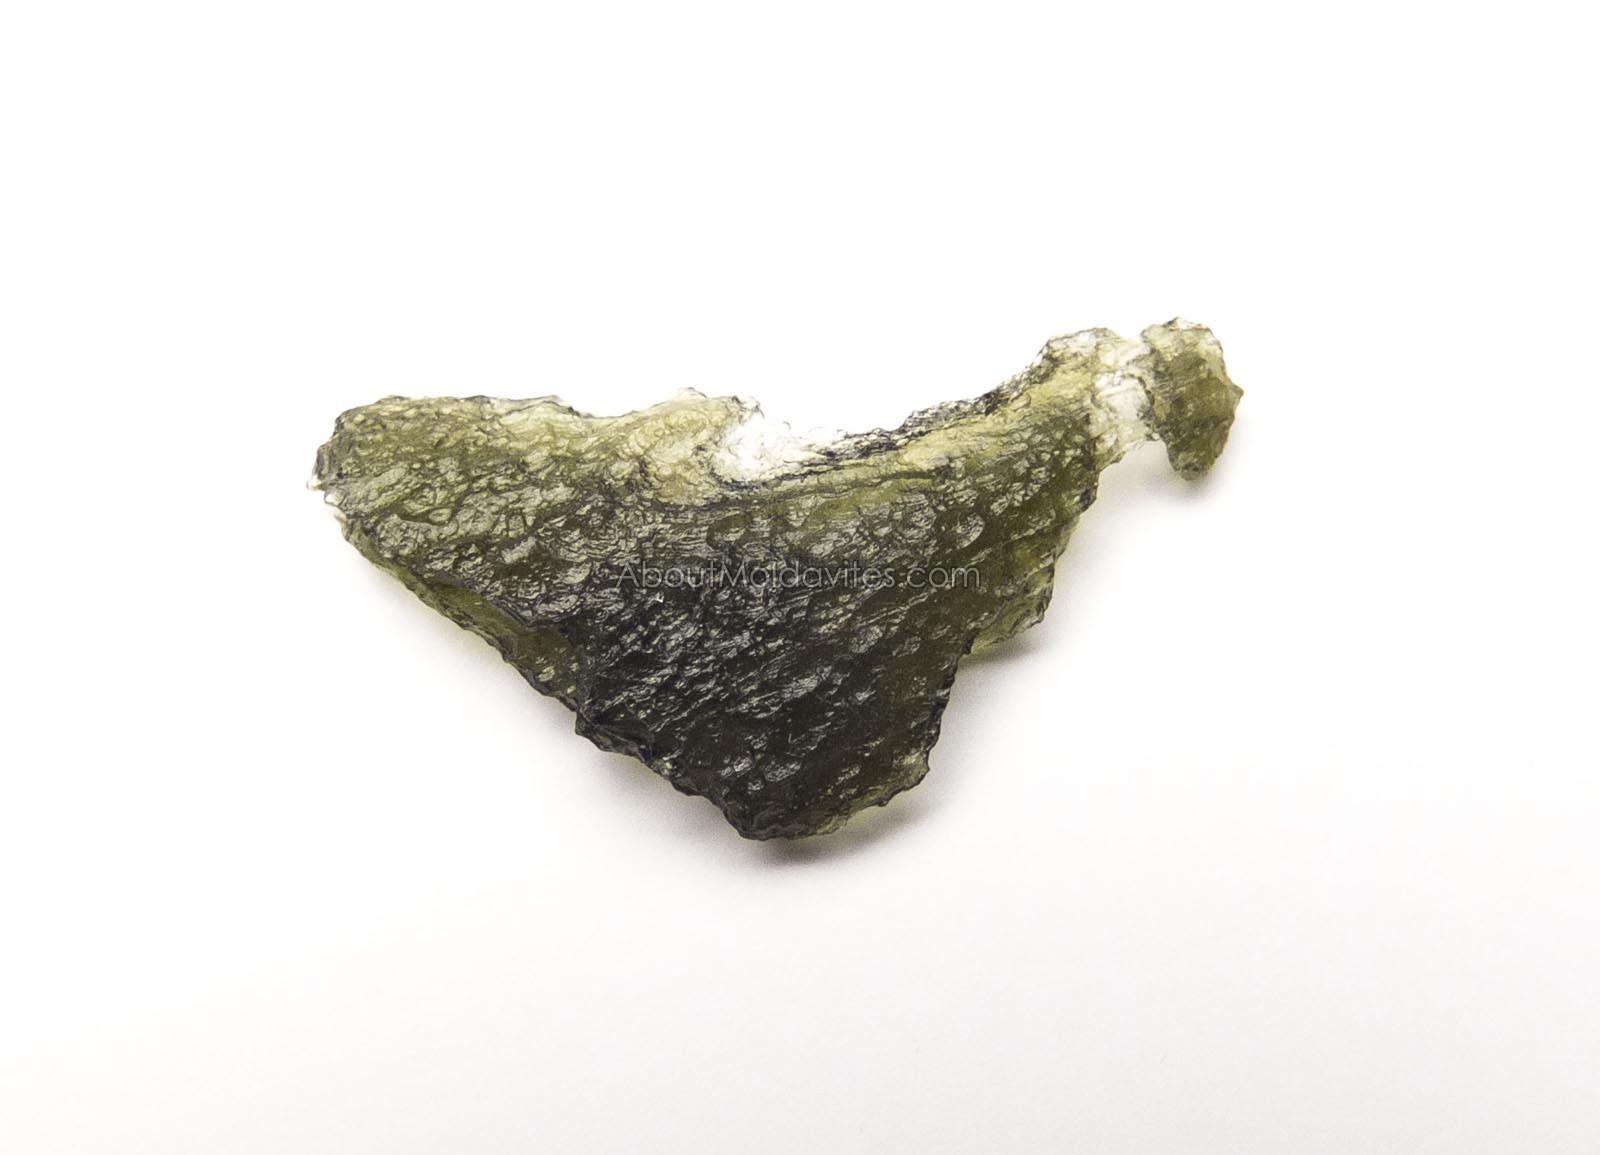 Angel chime Moldavite